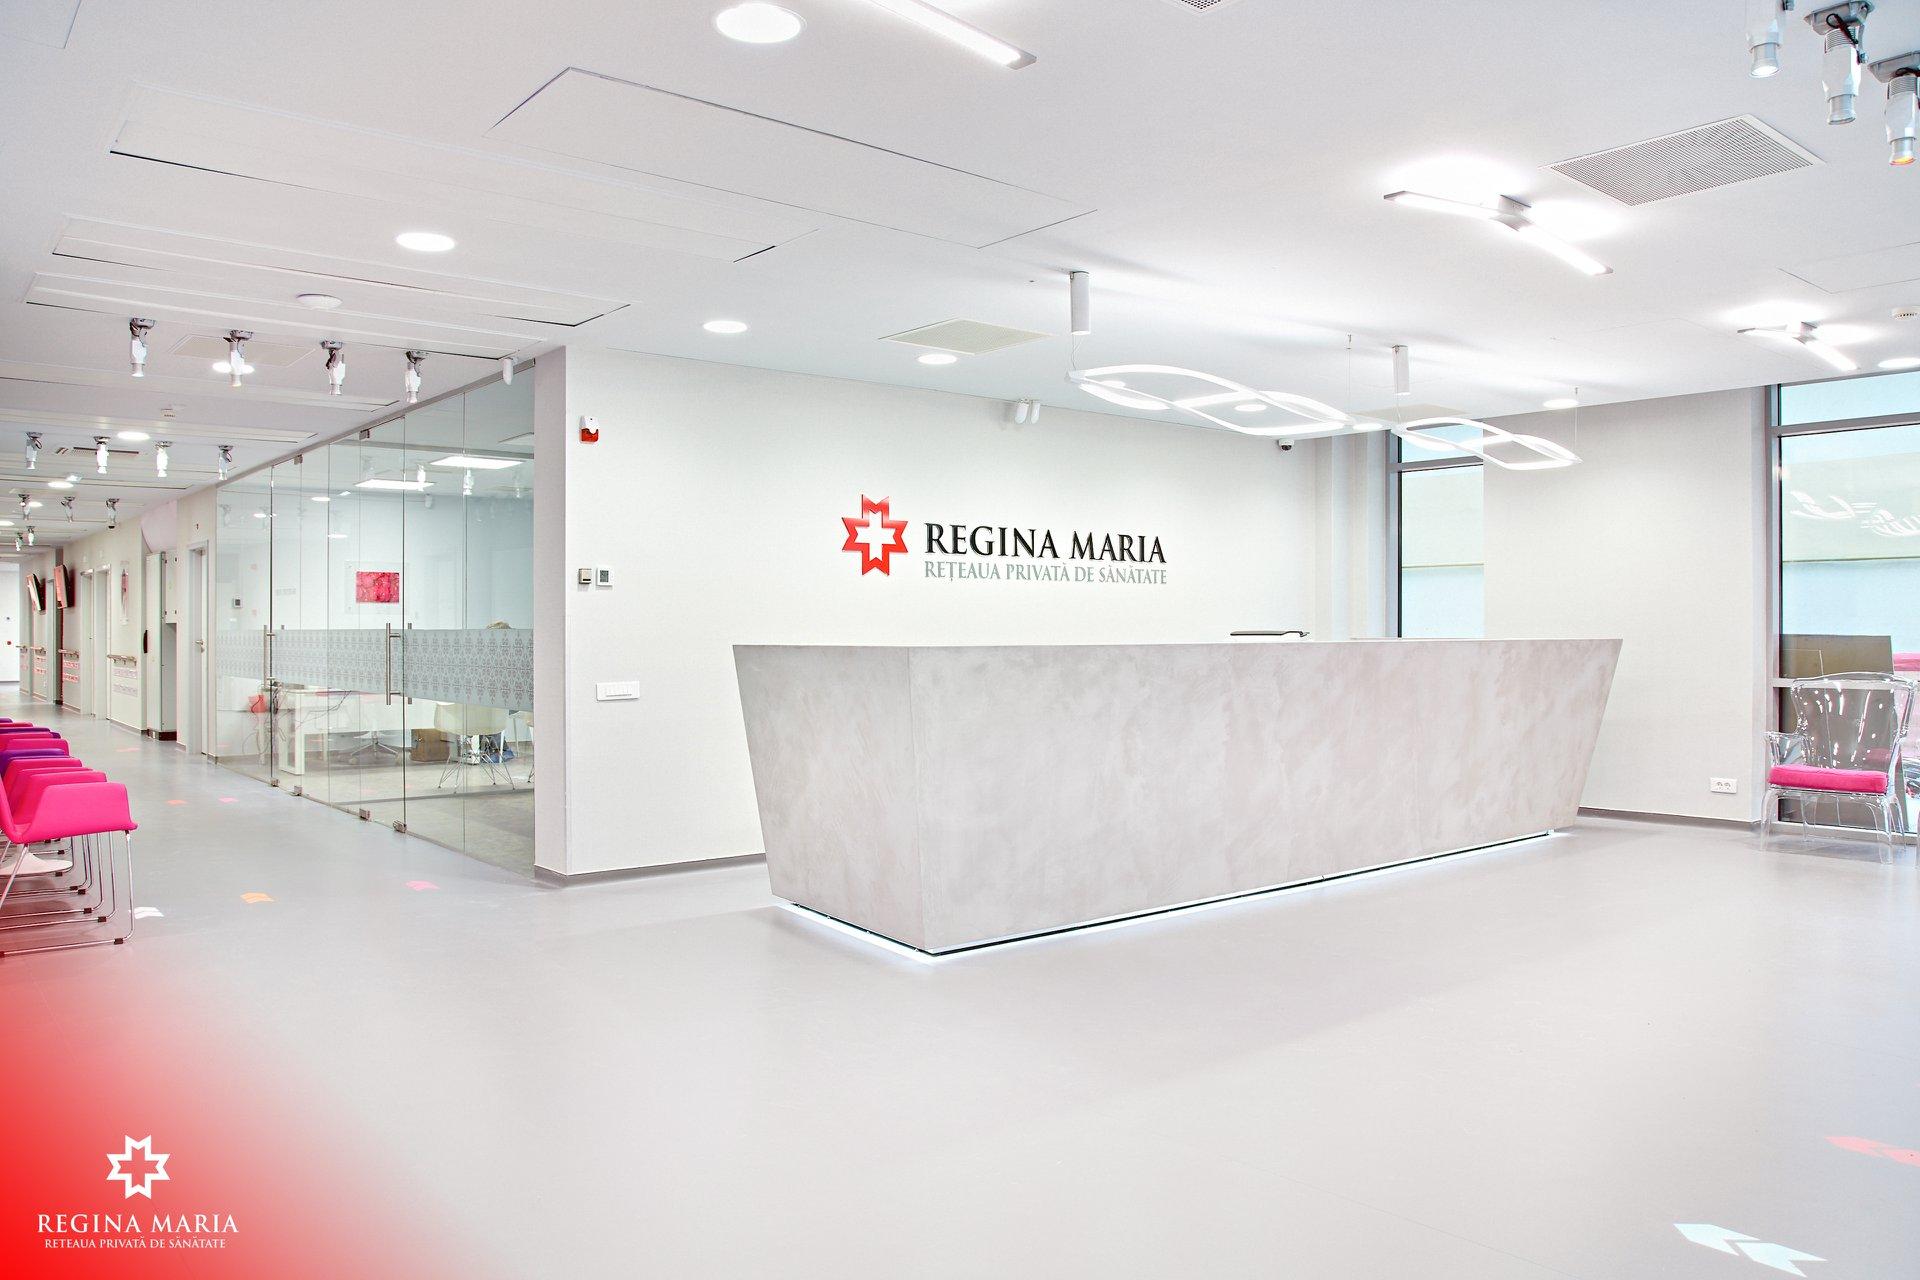 Spitalul Regina Maria, cel mai nou spital privat din Cluj, se deschide în curând!